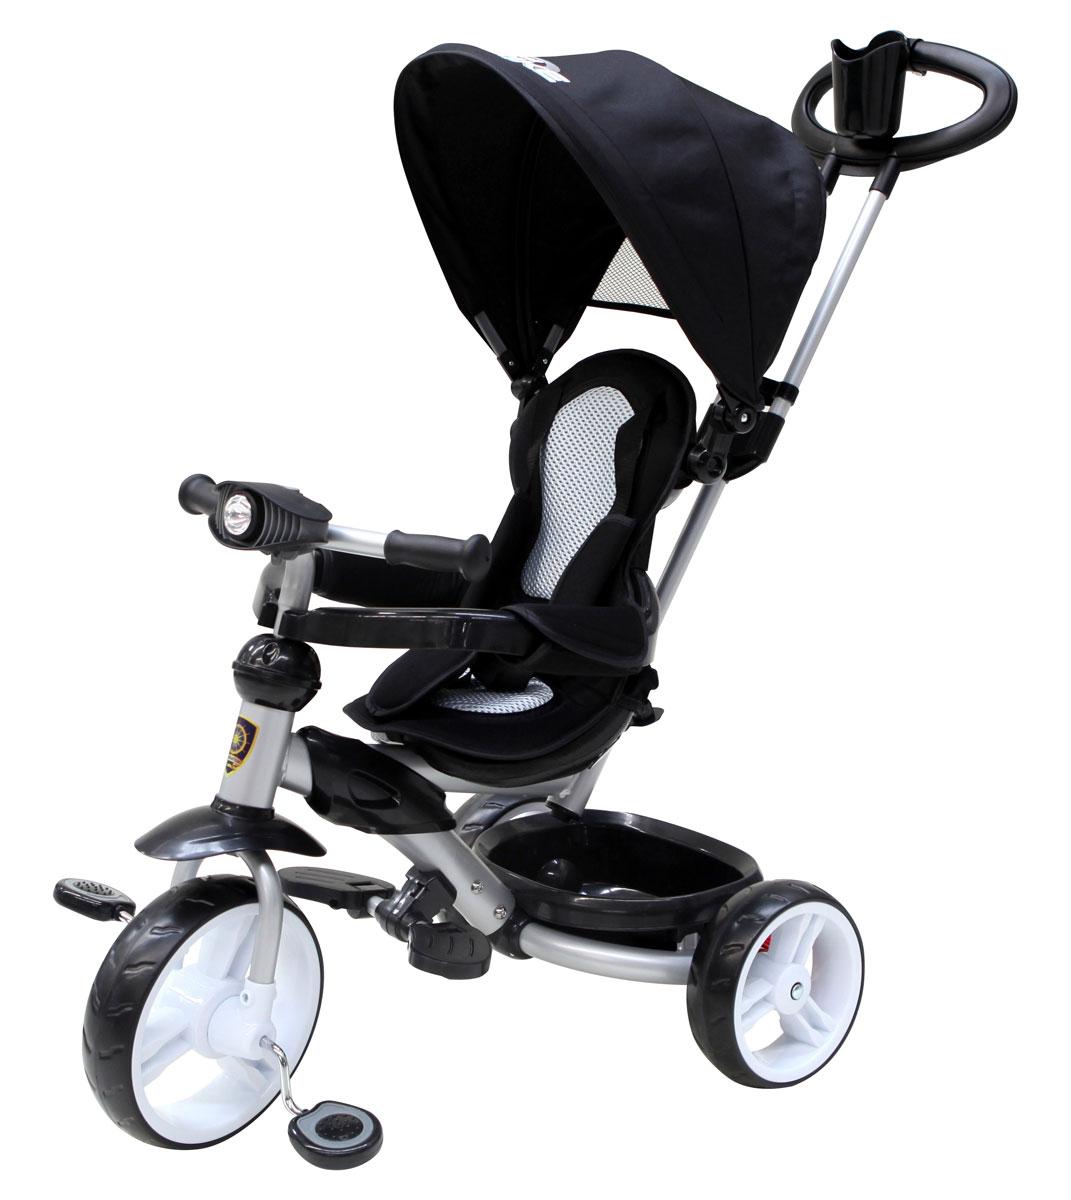 Navigator Трехколесный велосипед Lexus цвет черный велосипед 3 х колесный navigator lexus фиксики 10 8 т58462